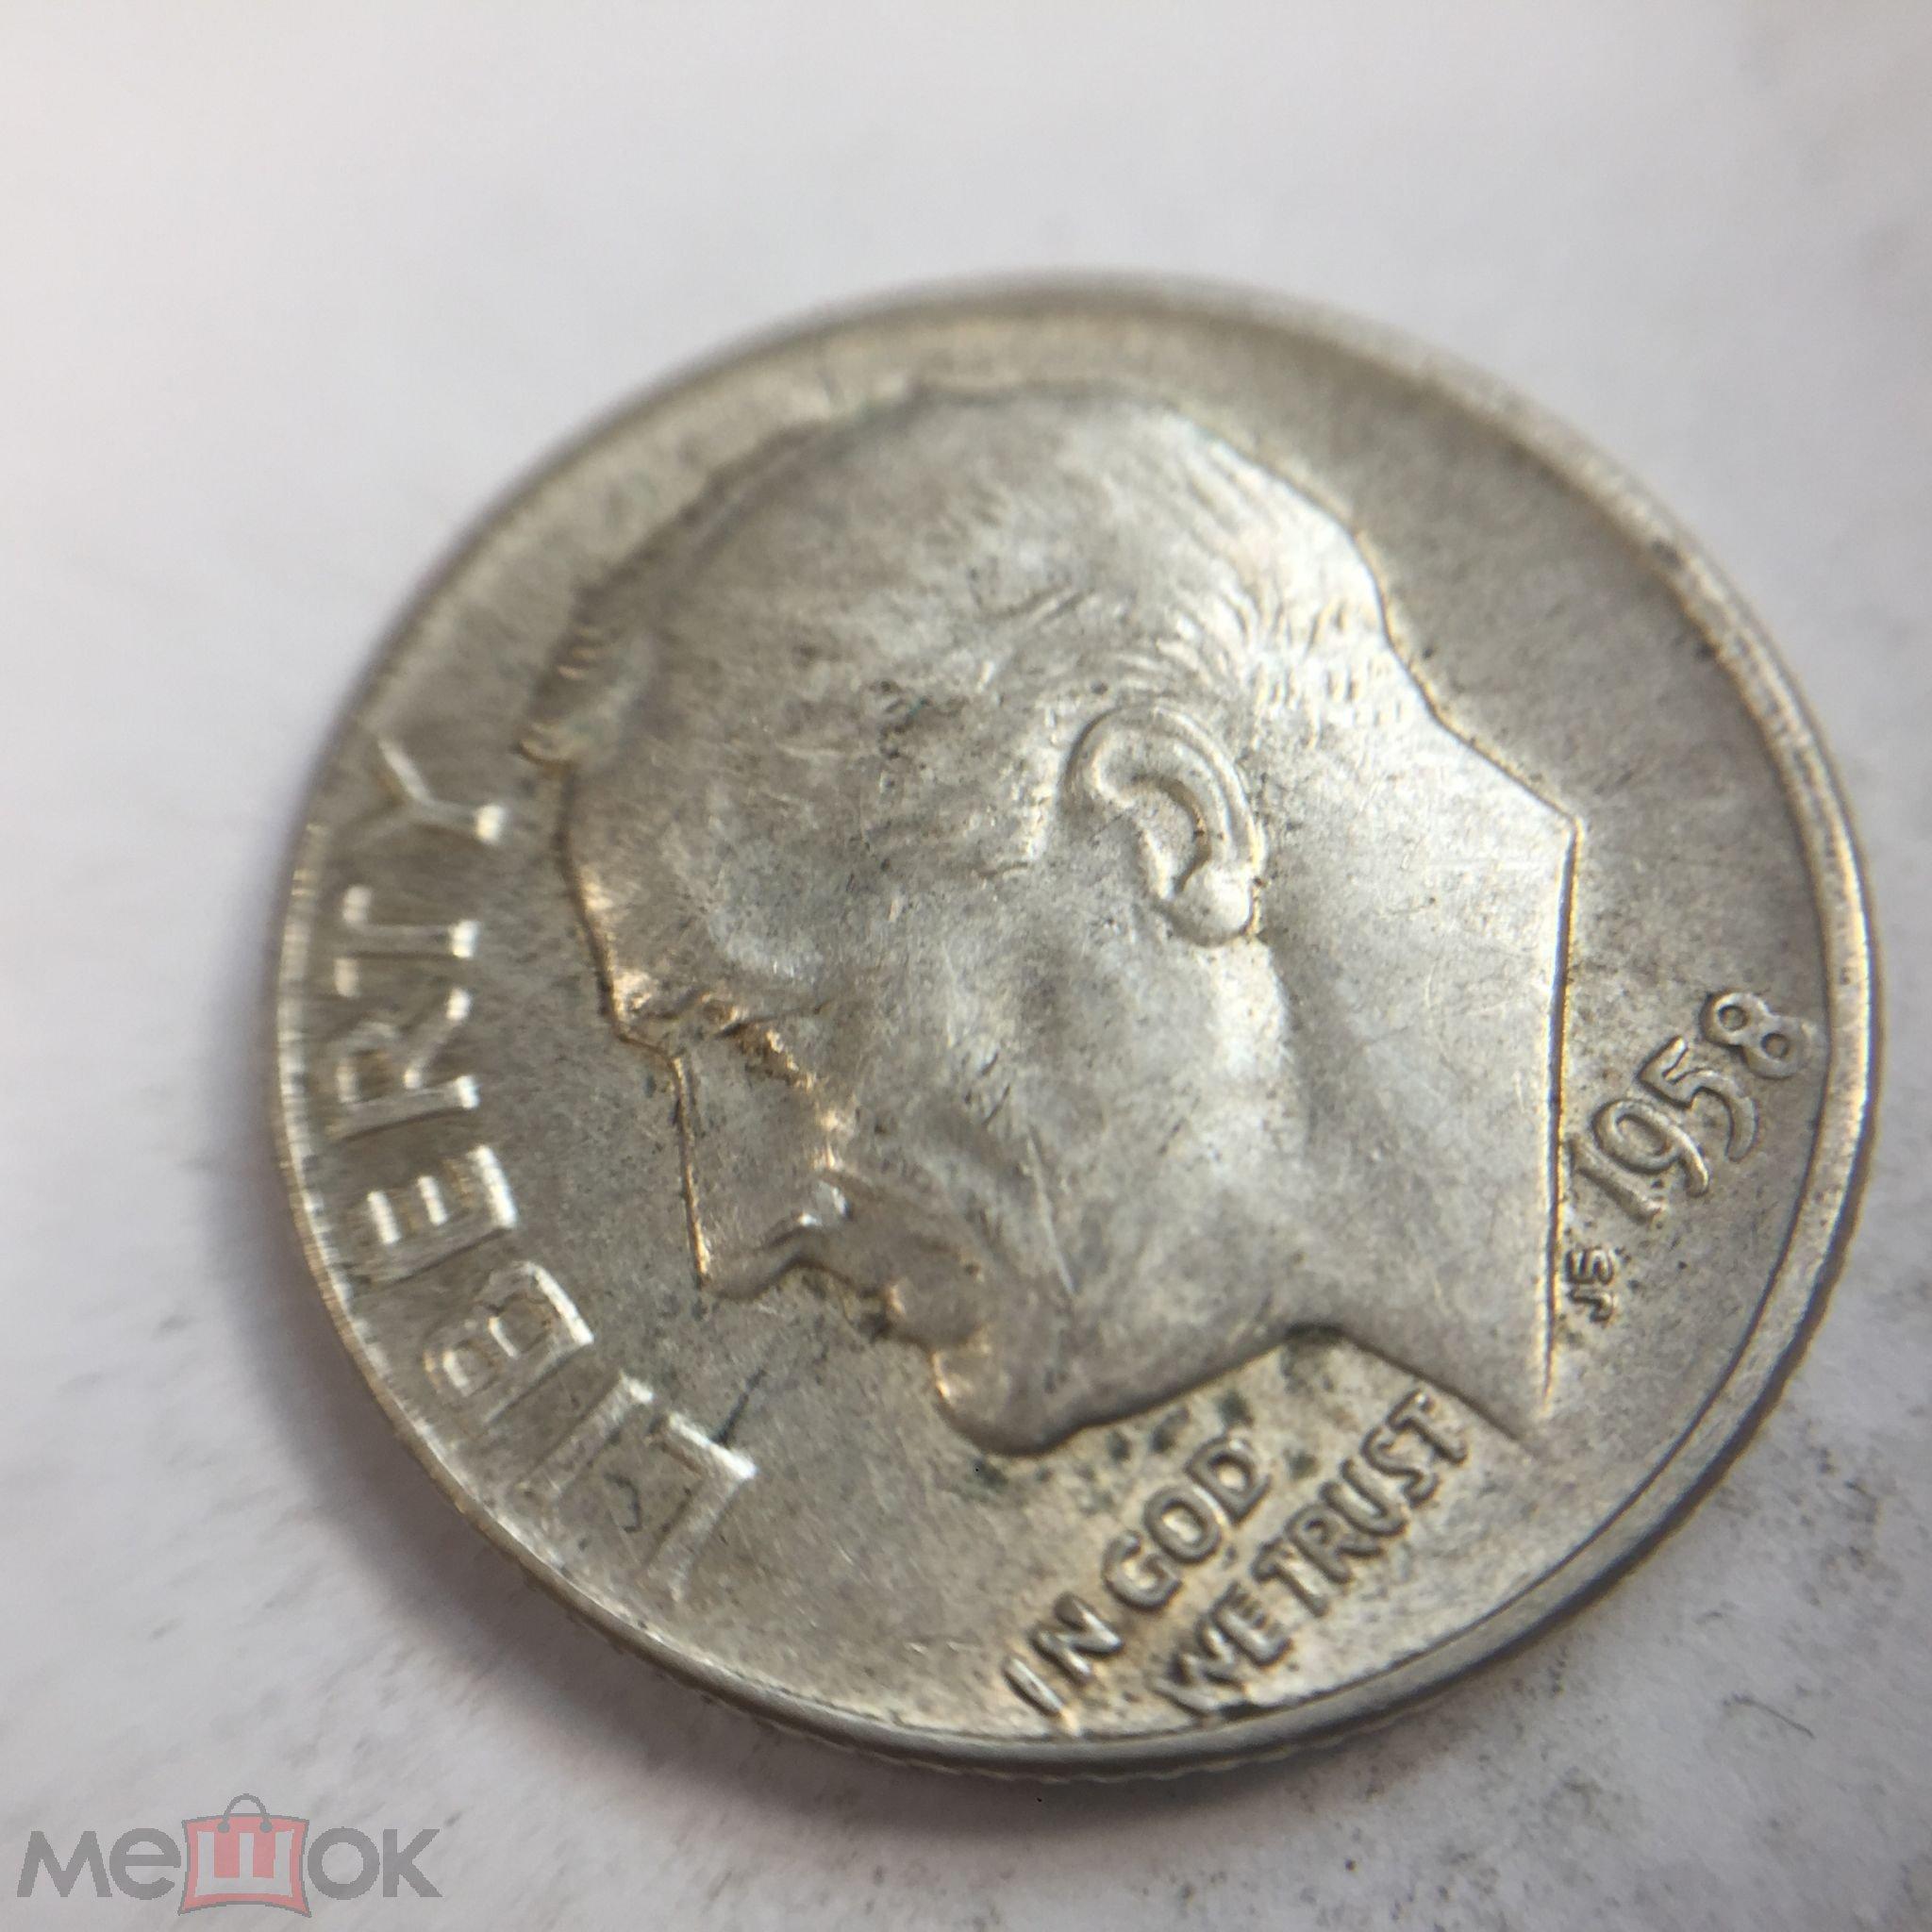 10 центов 1958 D год США дайм Рузвельт Факел серебро 90% НЕ ЧАСТЫЙ